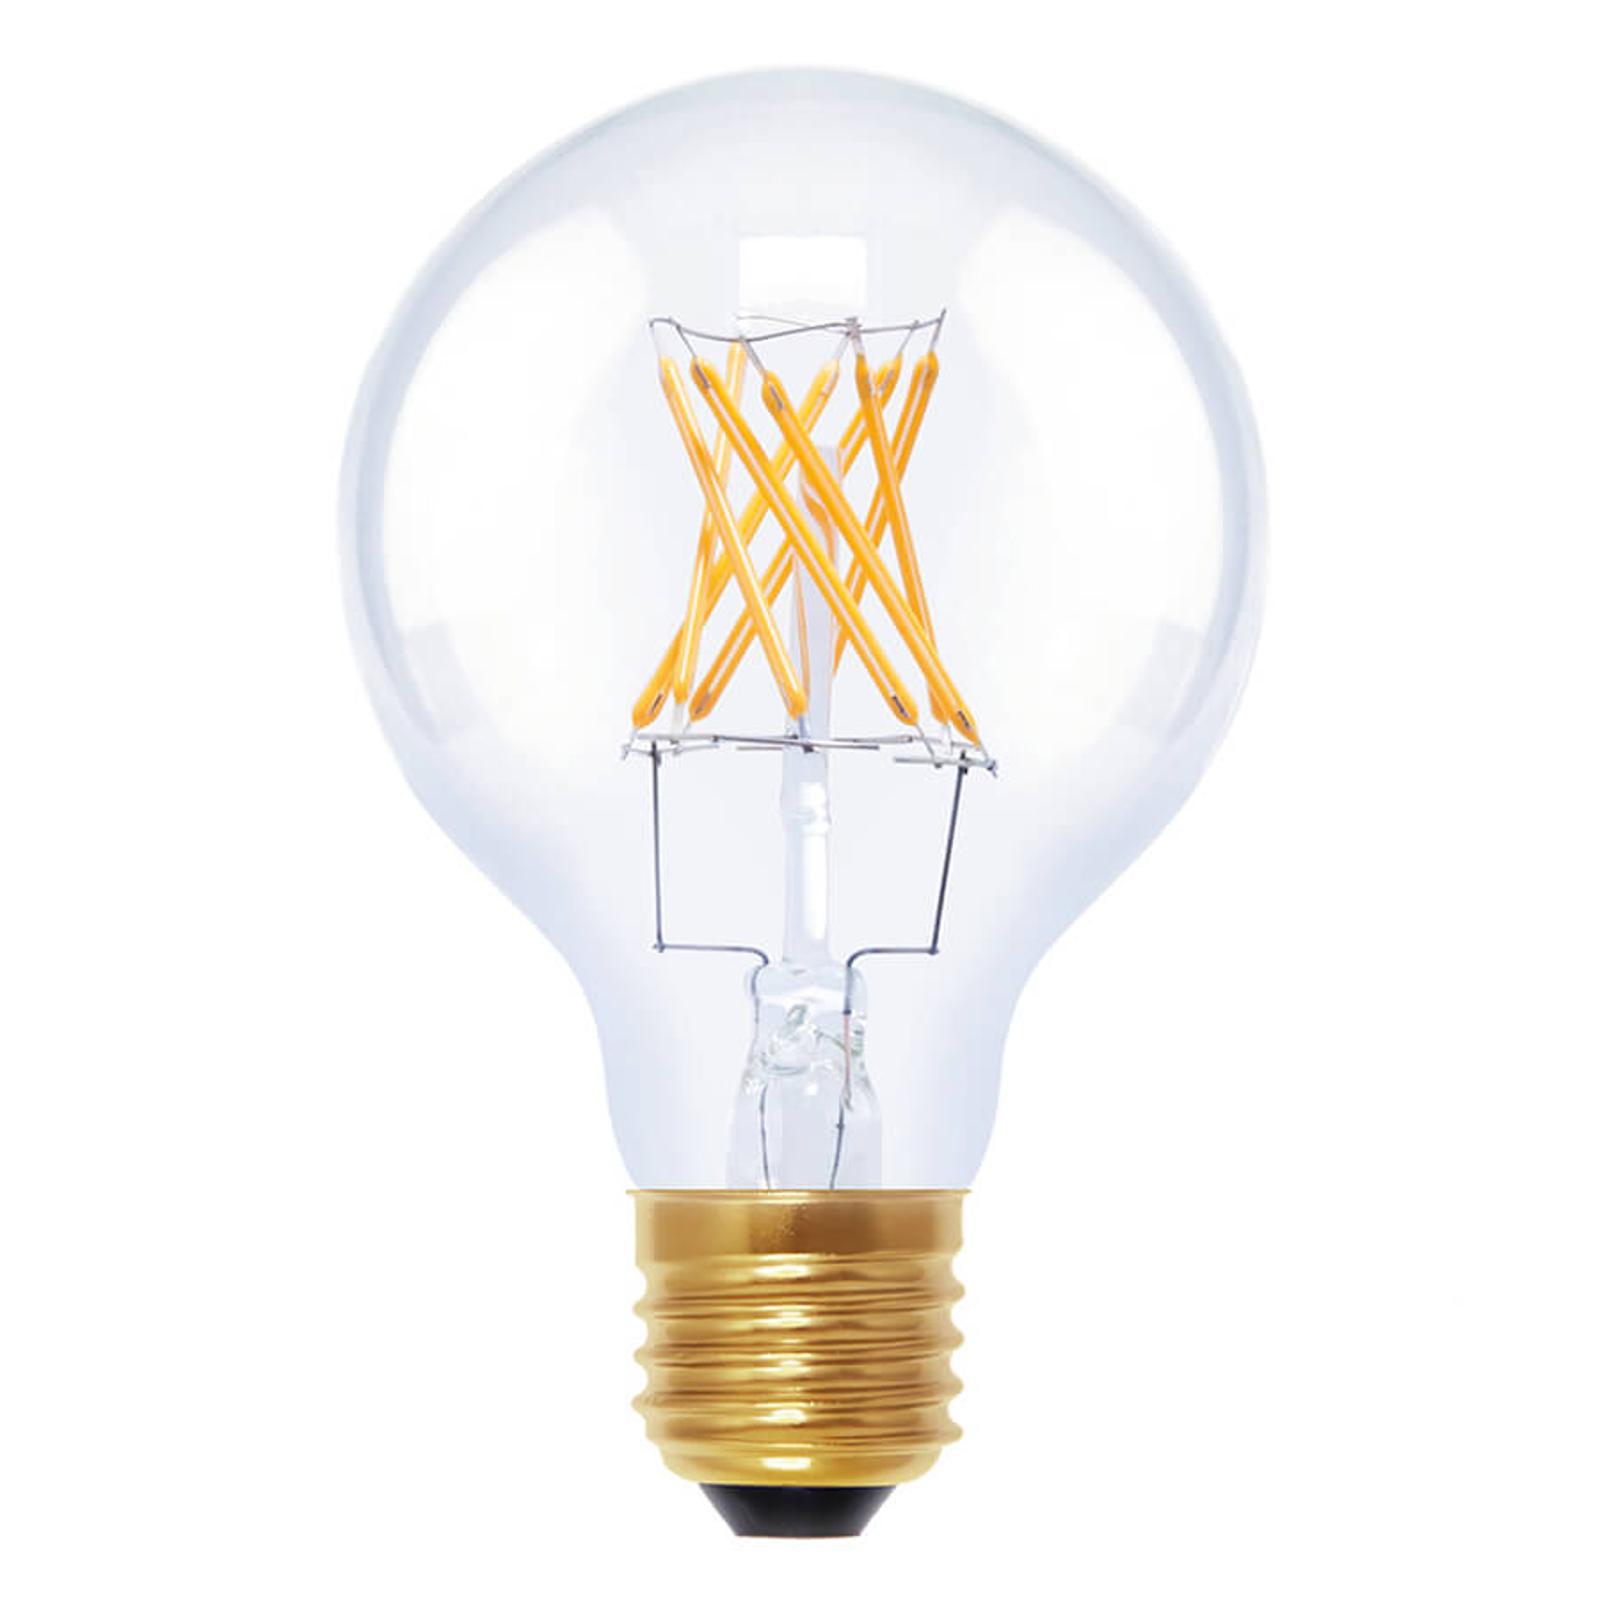 E27 6W 922 LED Globelampe G80 in Kohlefadenoptik